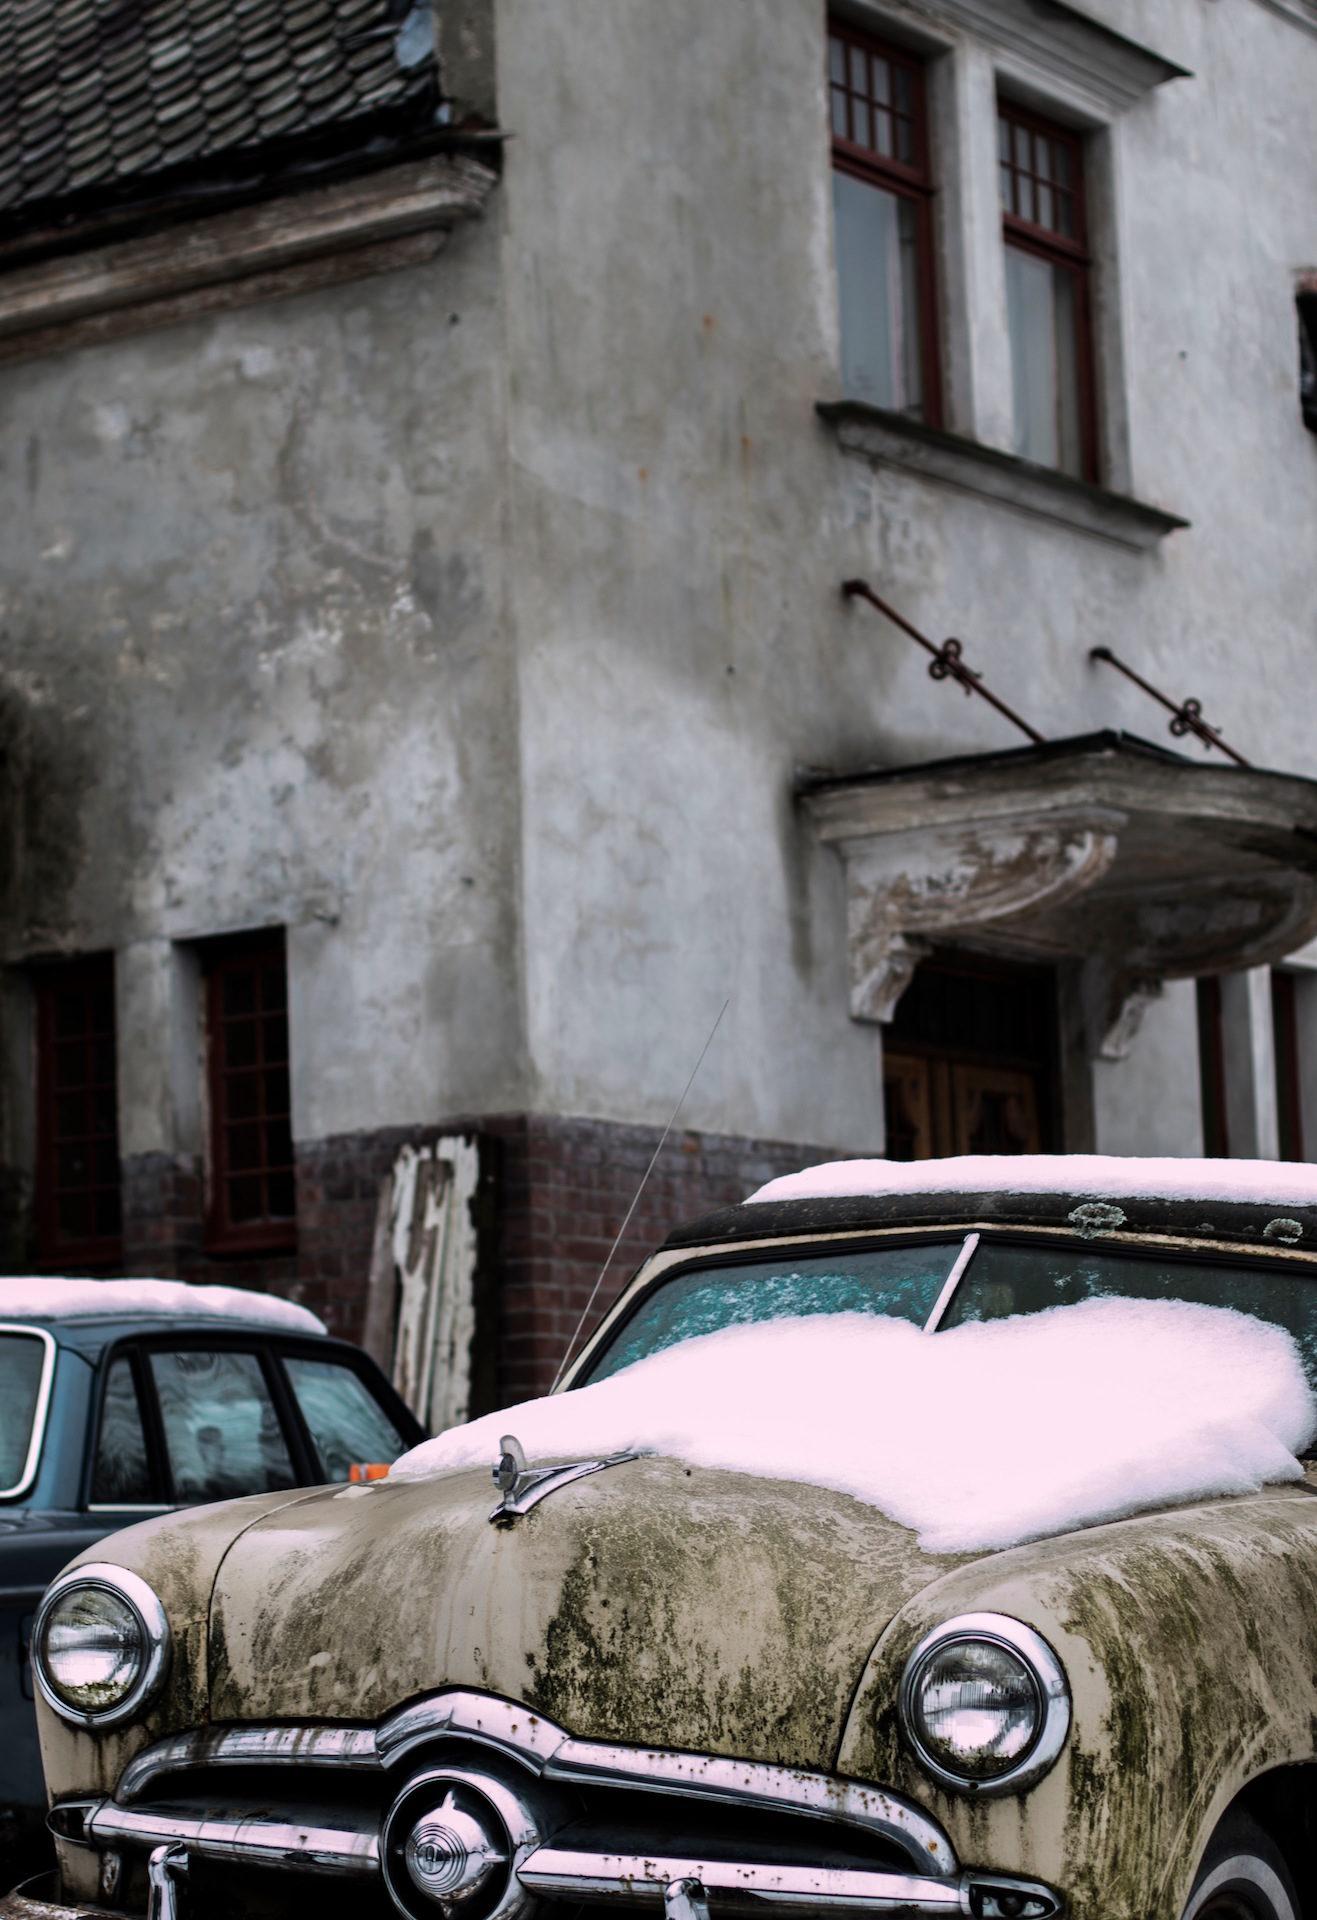 車, 雪, 家, 古い, ヴィンテージ - HD の壁紙 - 教授-falken.com